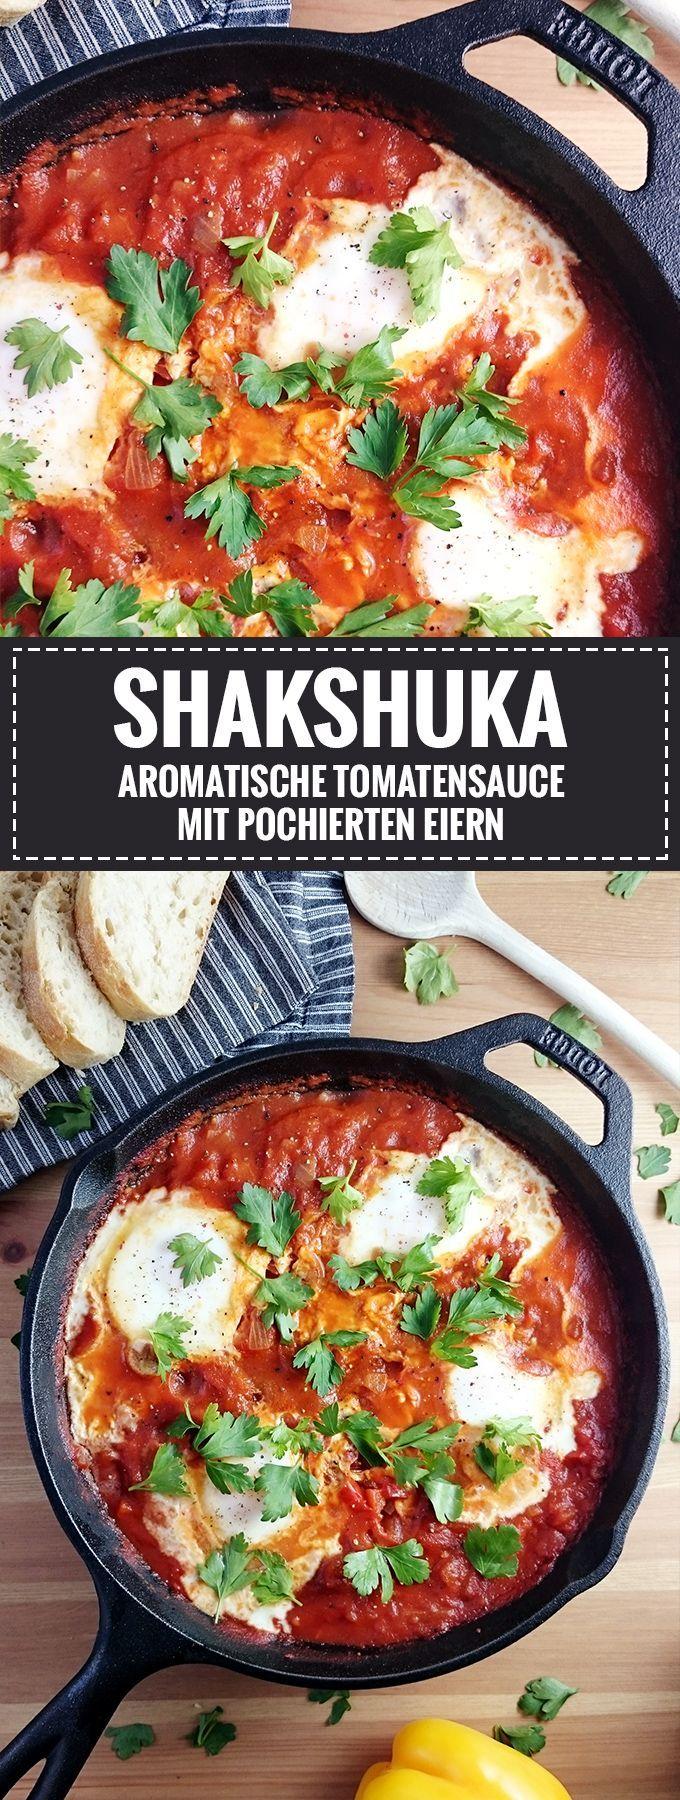 Shakshuka – Aromatische Tomatensauce mit pochierten Eiern // Rezept auf Knabberkult.de